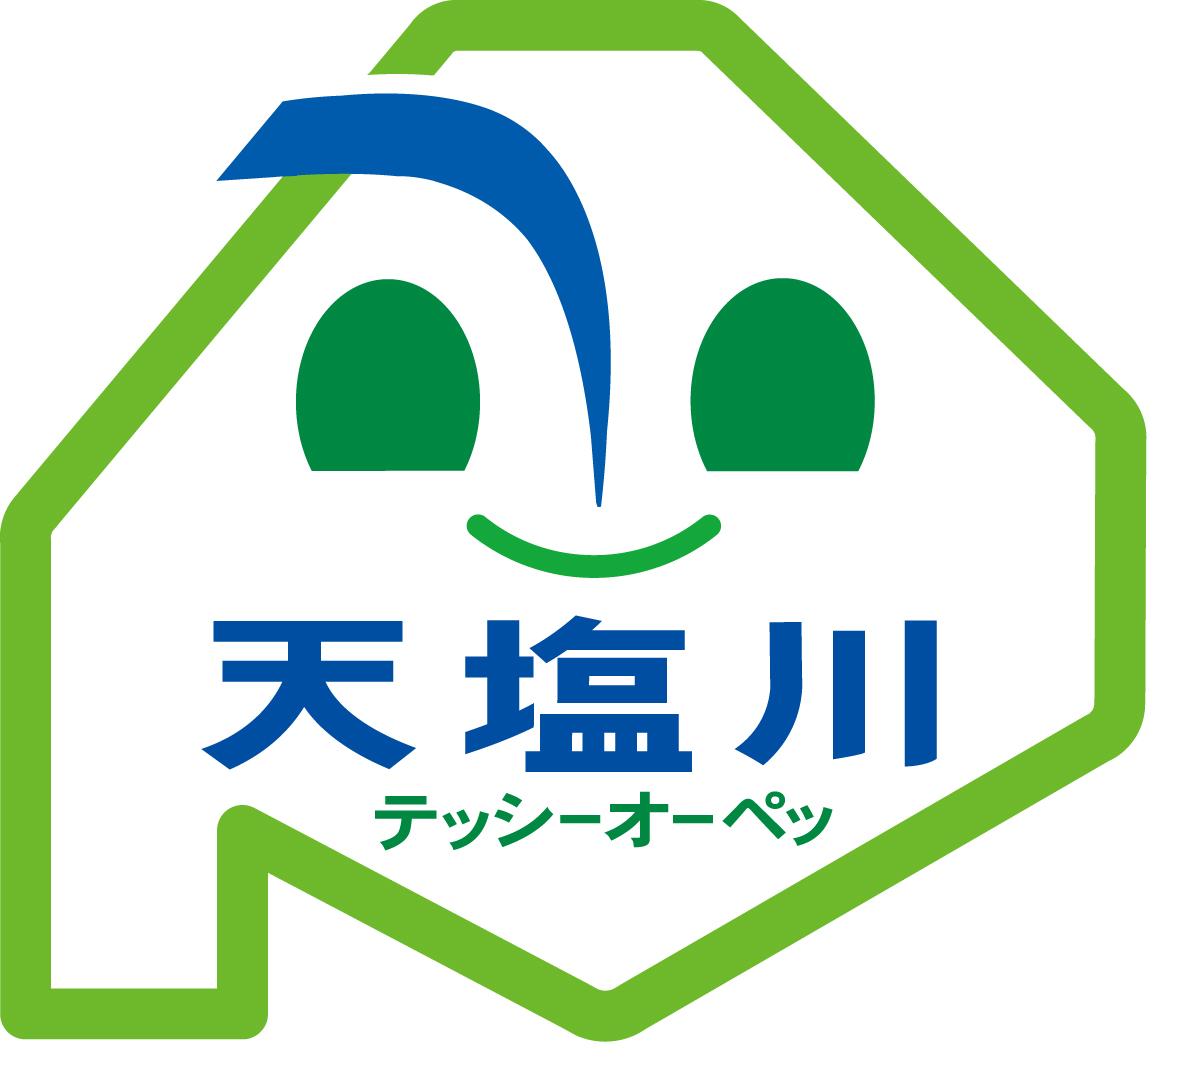 天塩川ロゴマーク